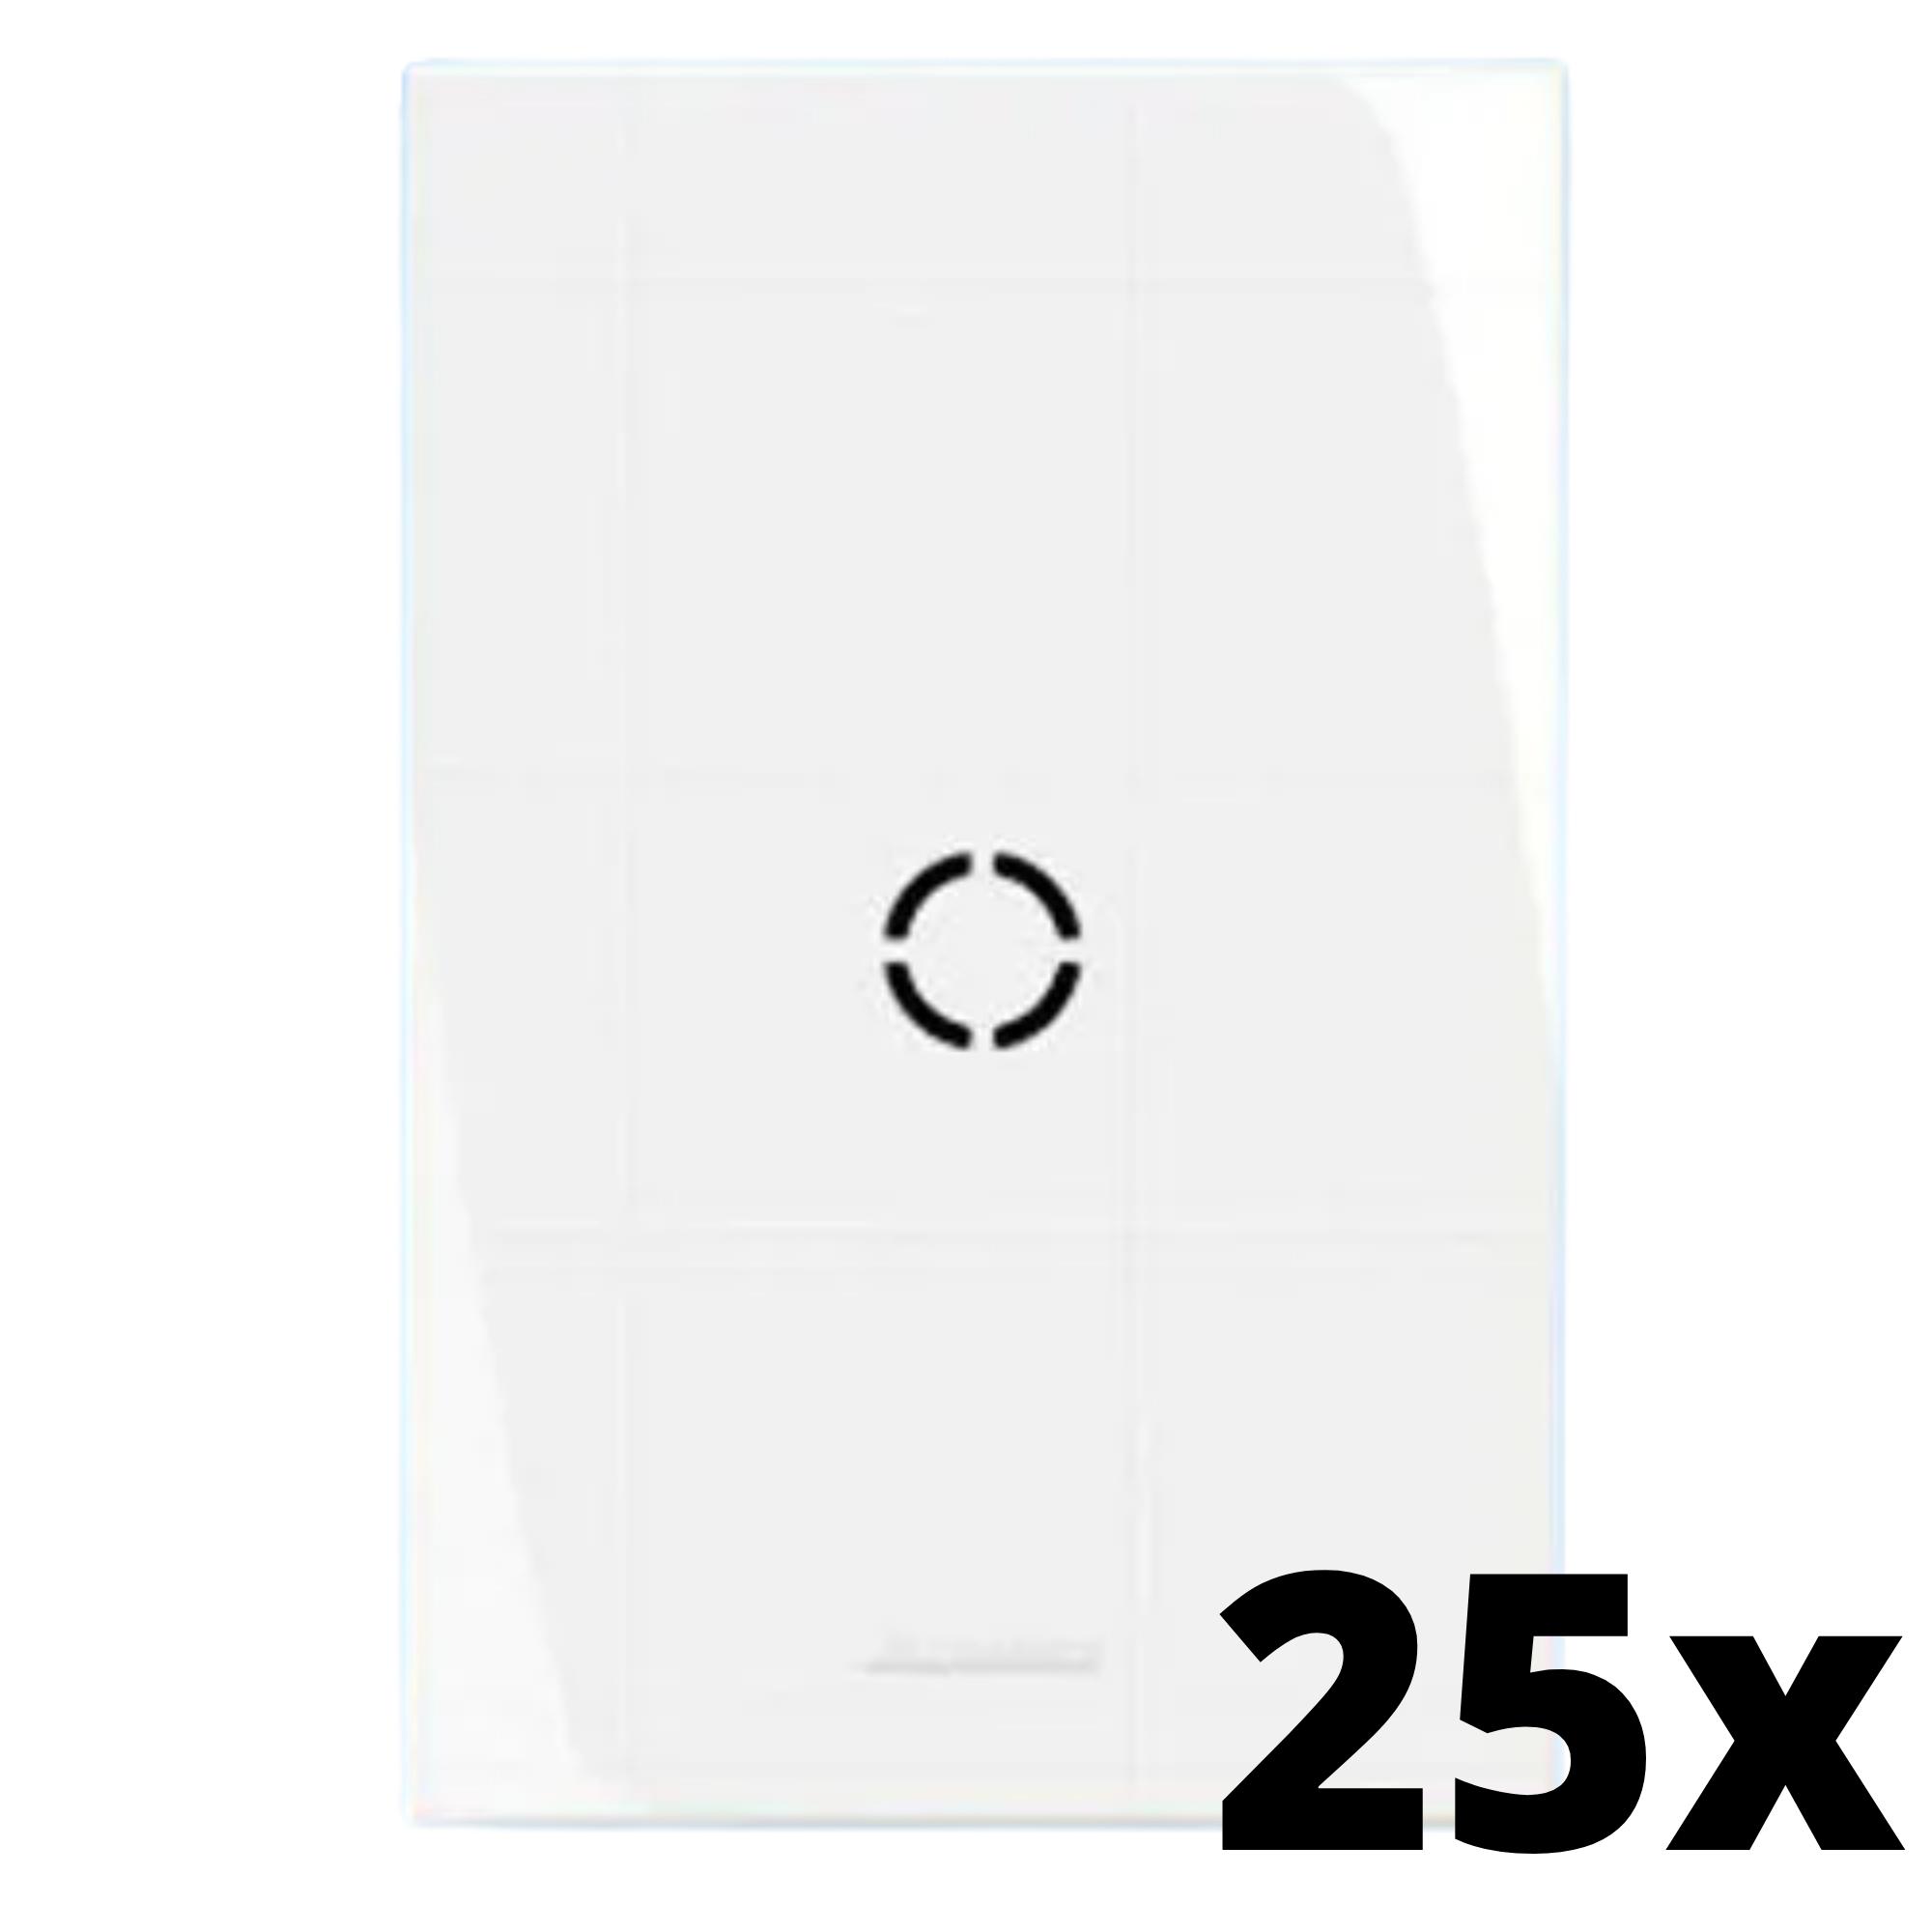 Kit 25 und Inova Pró Placa 4x2 Com Furo